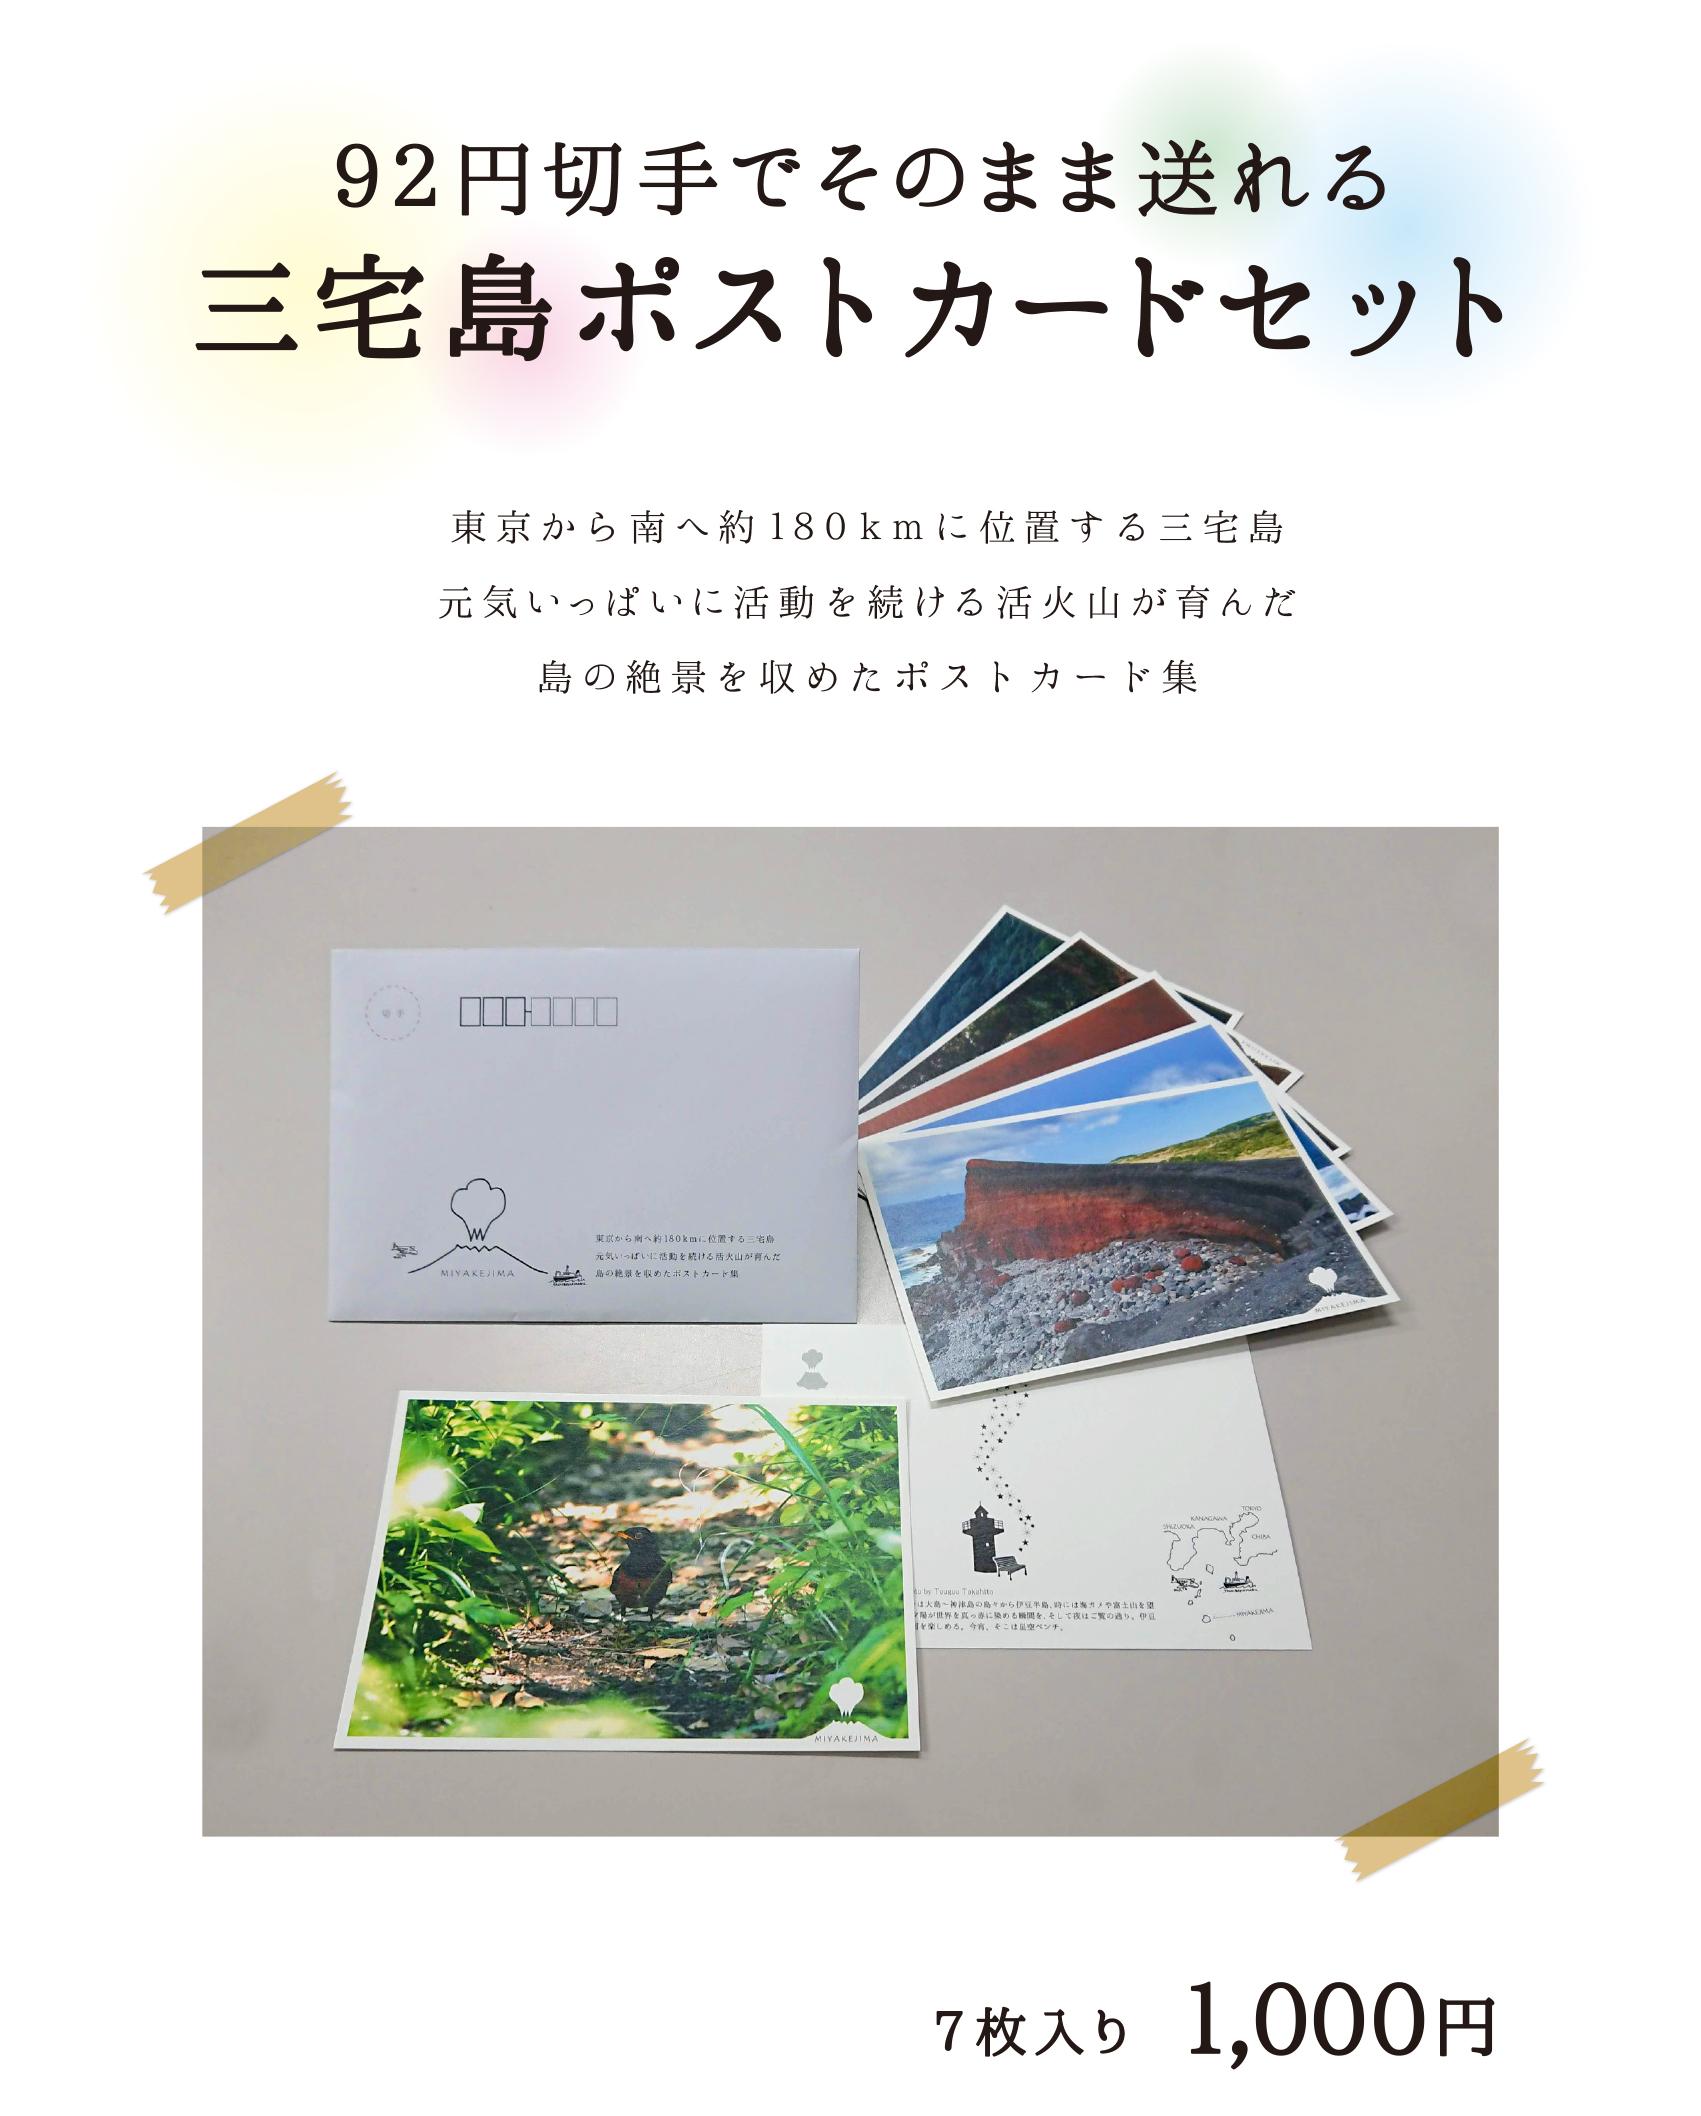 【新商品】92円で送れる「三宅島ポストカードセット」